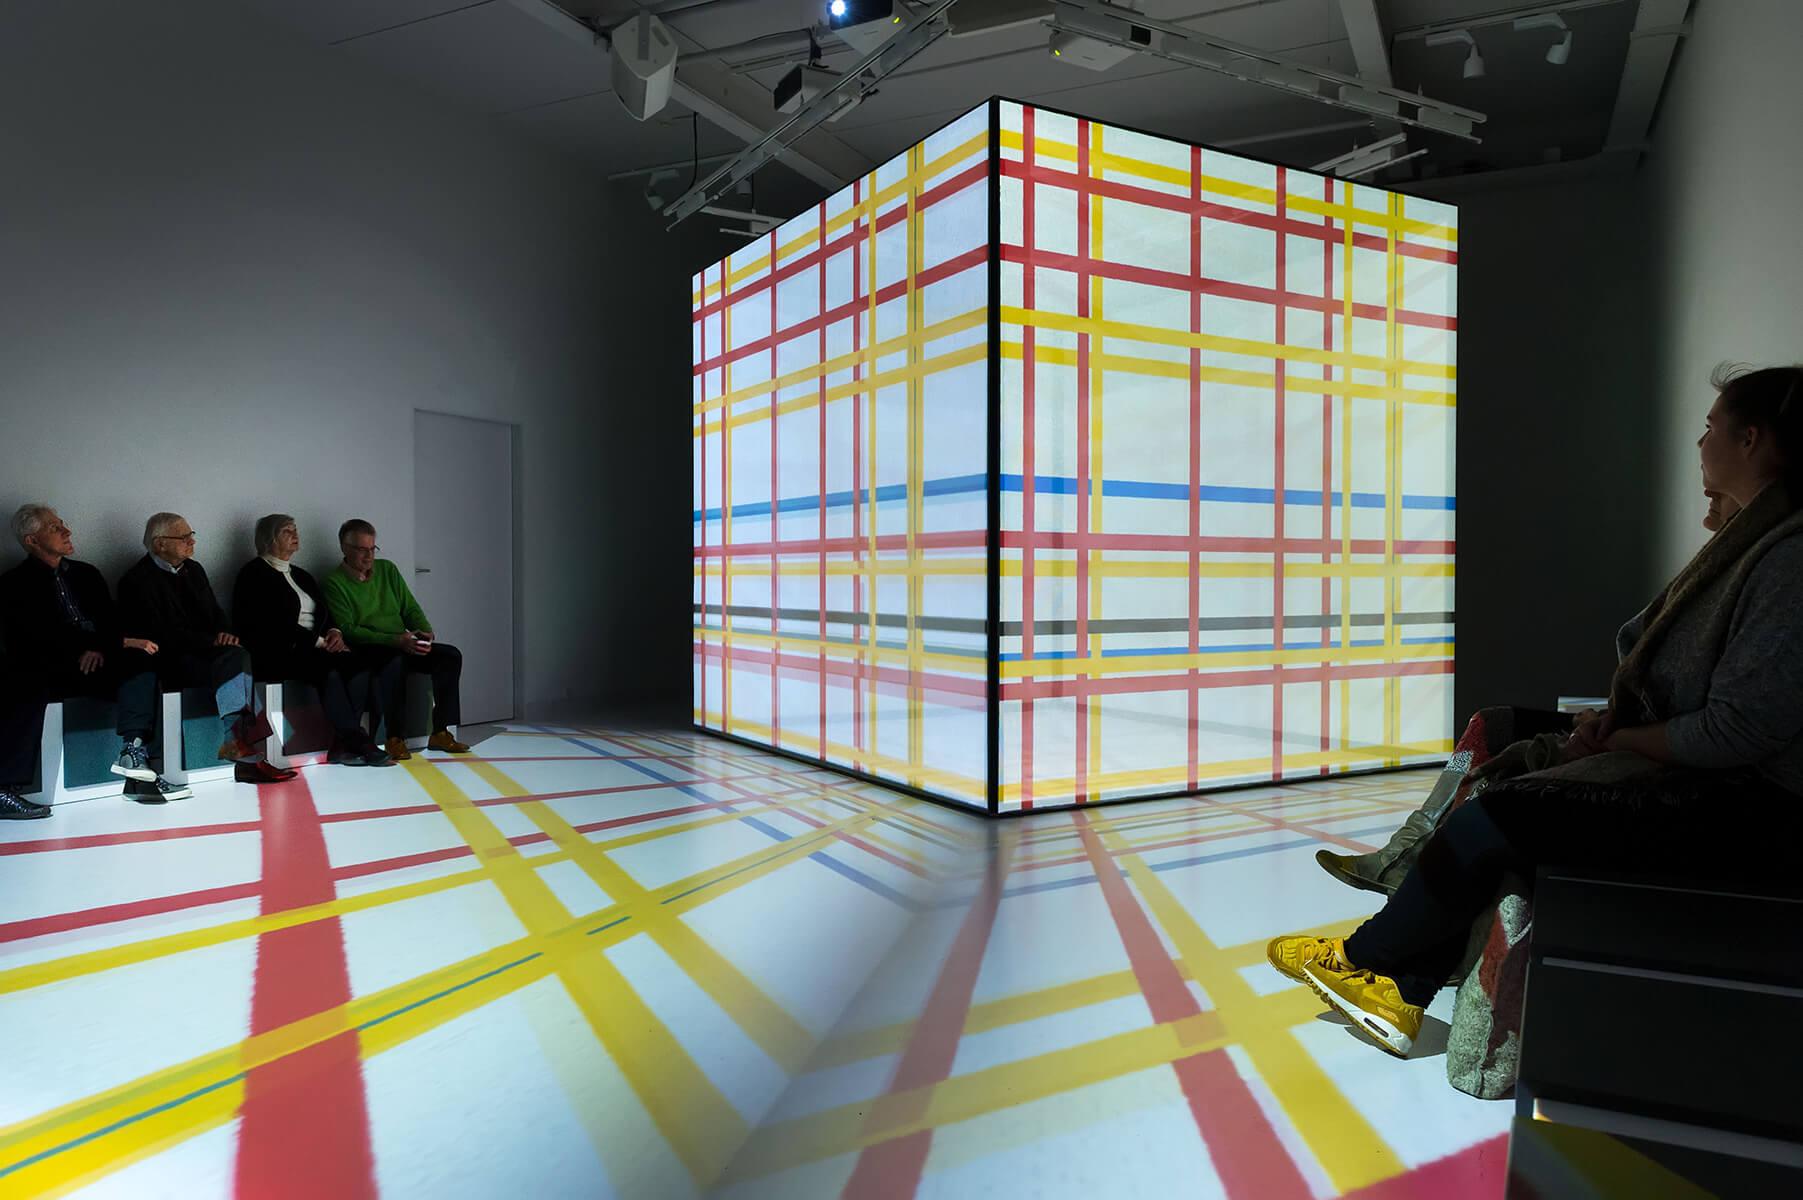 <a href='https://revistaaxxis.com.co/la-casa-contemporanea-de-mondrian/'><h2>La casa contemporánea de Mondrian</h2>Con el centenario del movimiento artístico De Stijl, la casa donde nació el artista Piet Mondrian ha sido renovada. Un concepto mira hacia el futuro para no olvidar el pasado.</a>